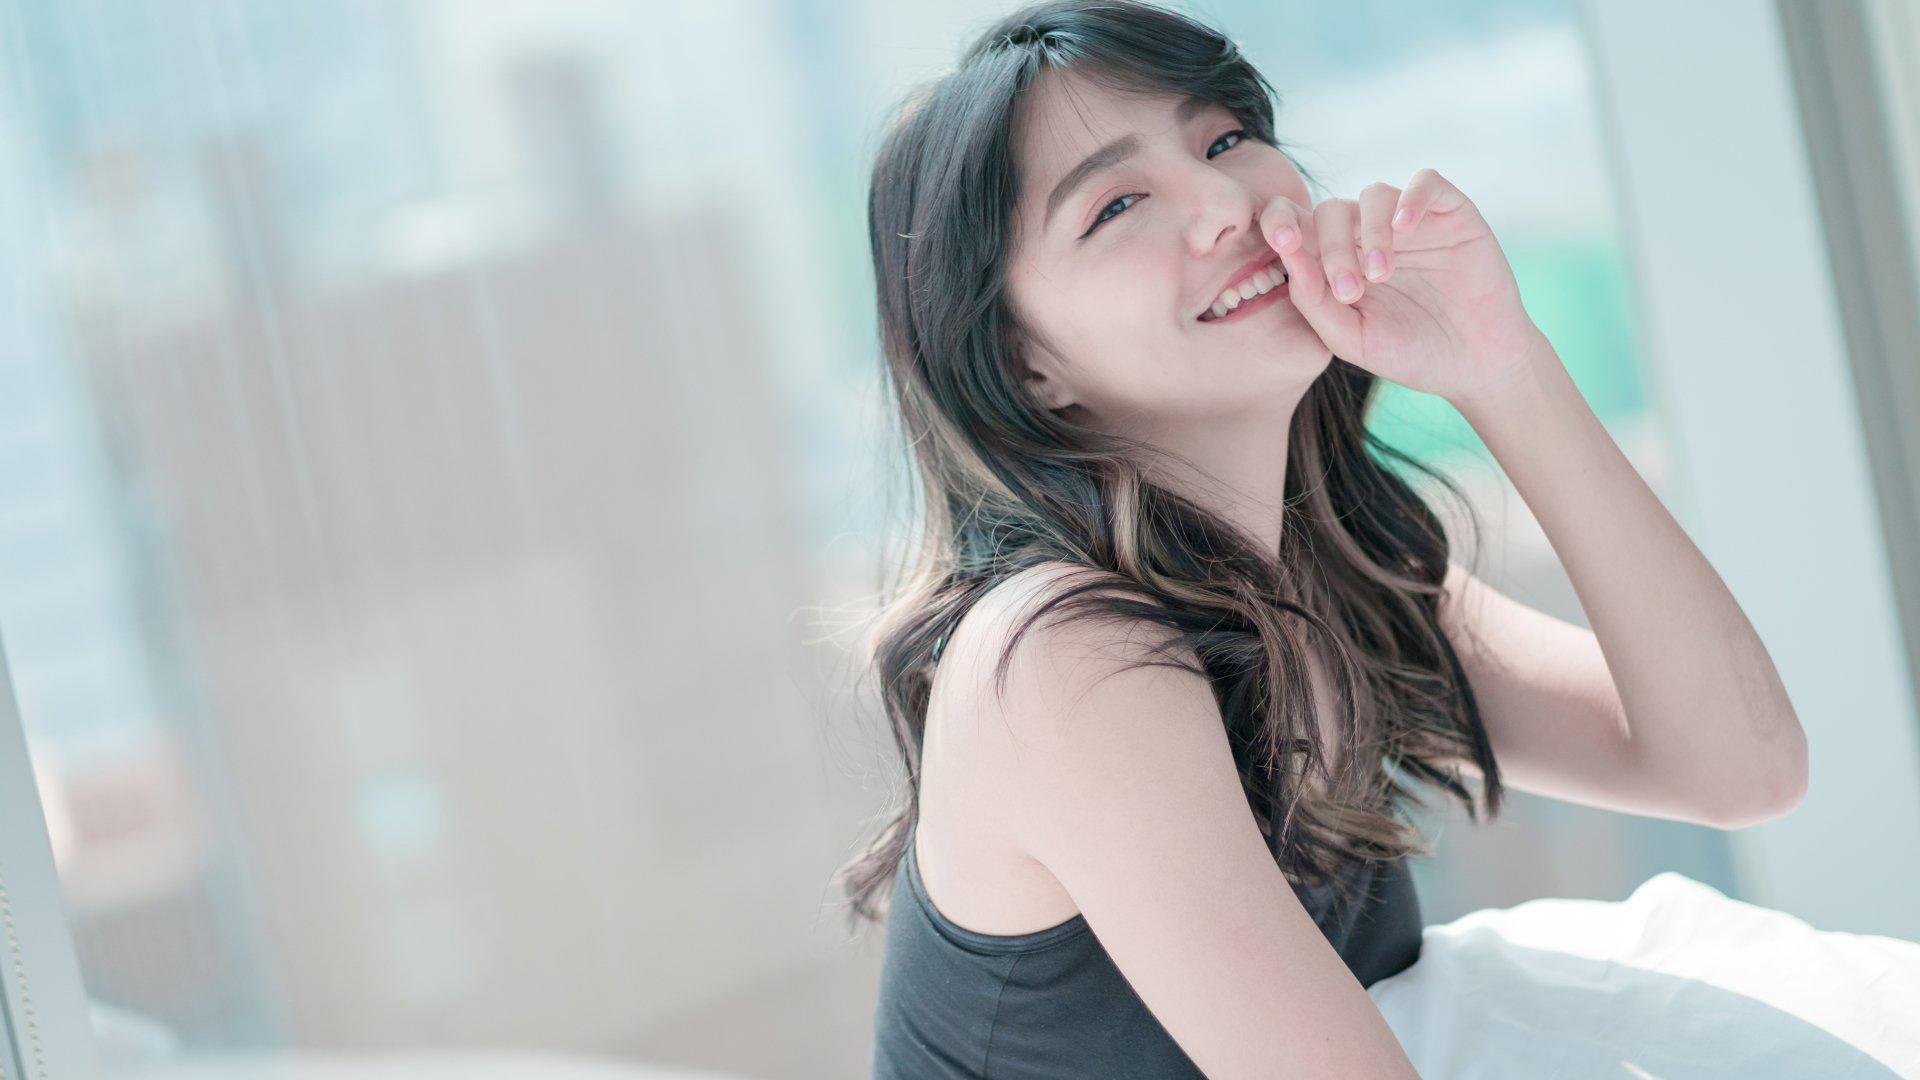 Laoke.com